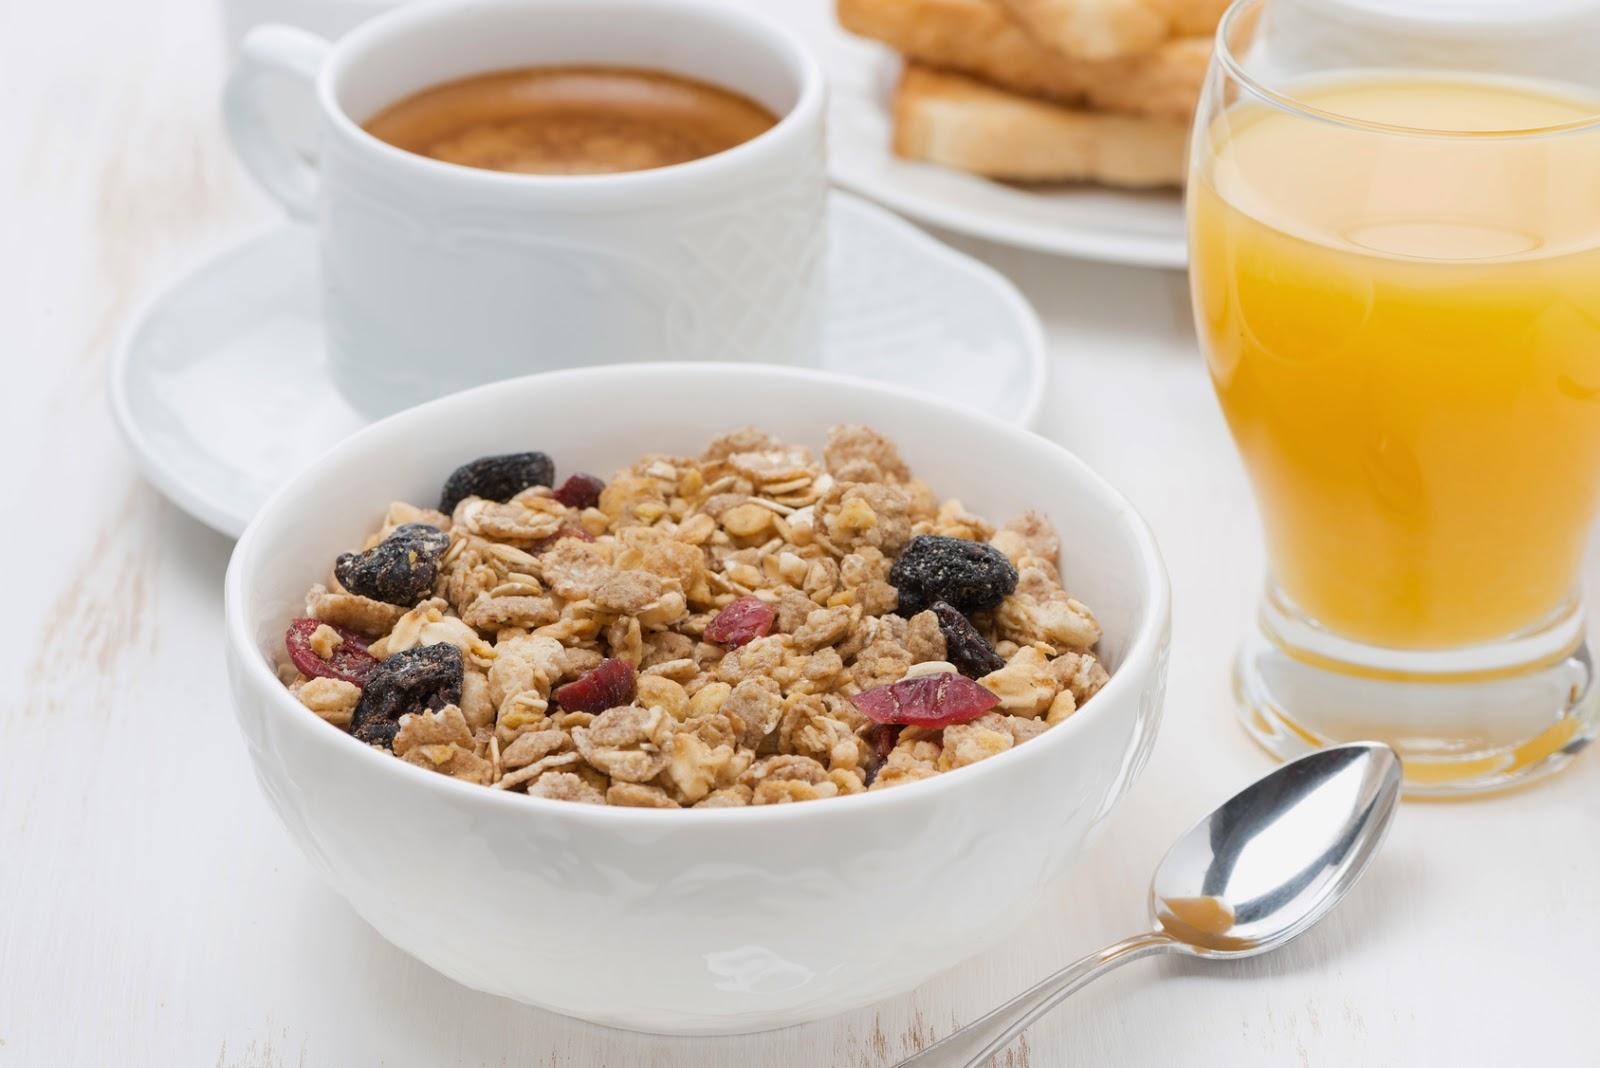 Recetas Desayuno perfecto: zumo de naranja, cereales y cafe